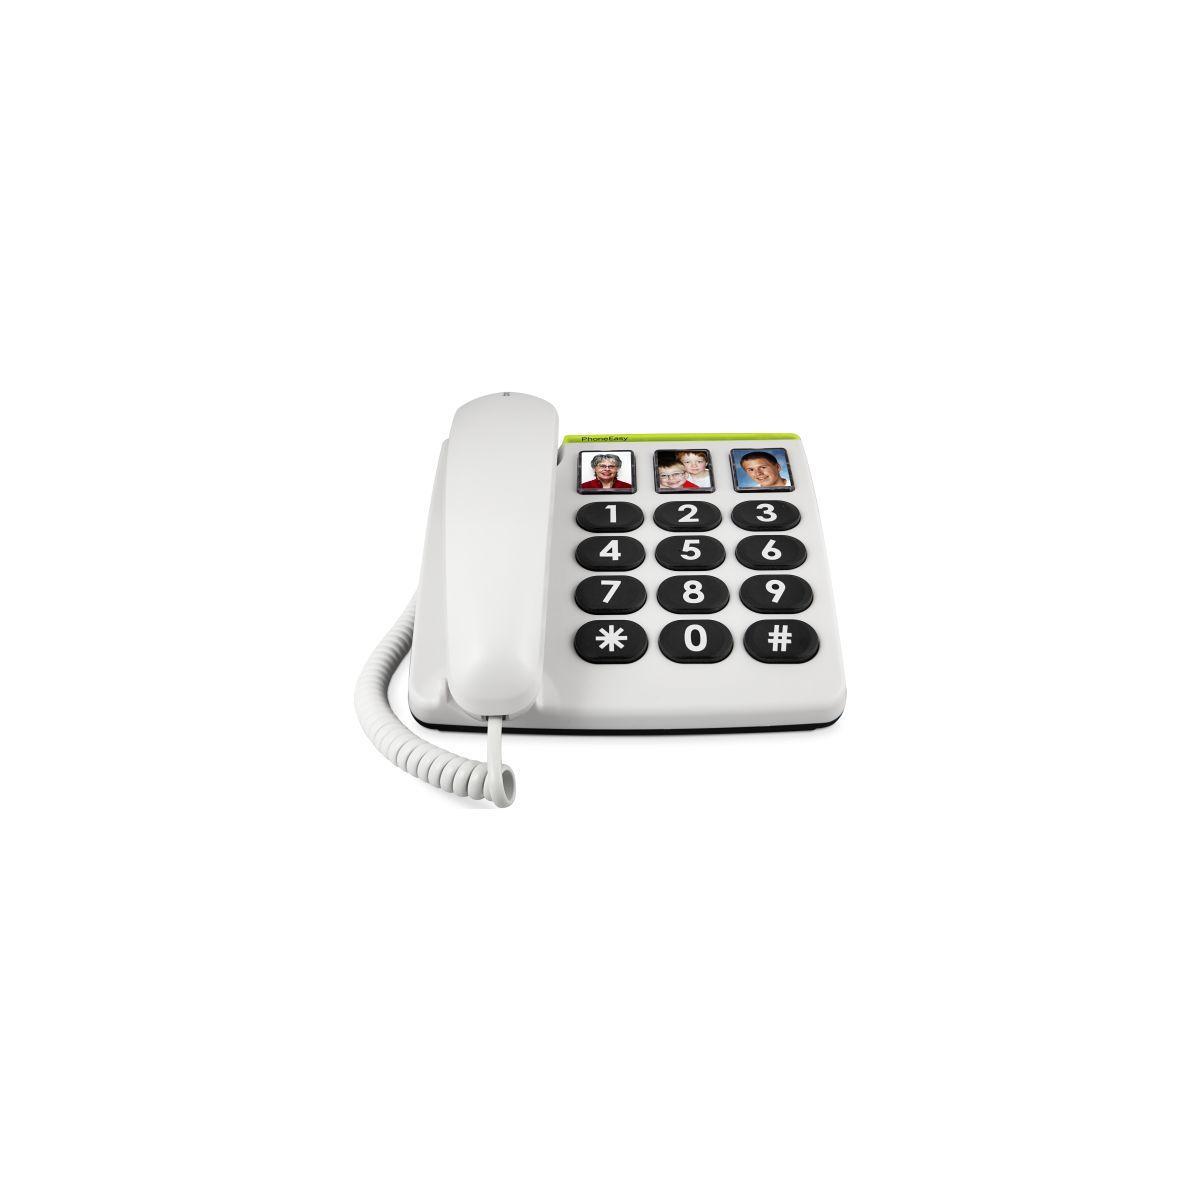 Tél. doro phone easy 331ph blanc - livraison offerte avec le code nouveaute (photo)